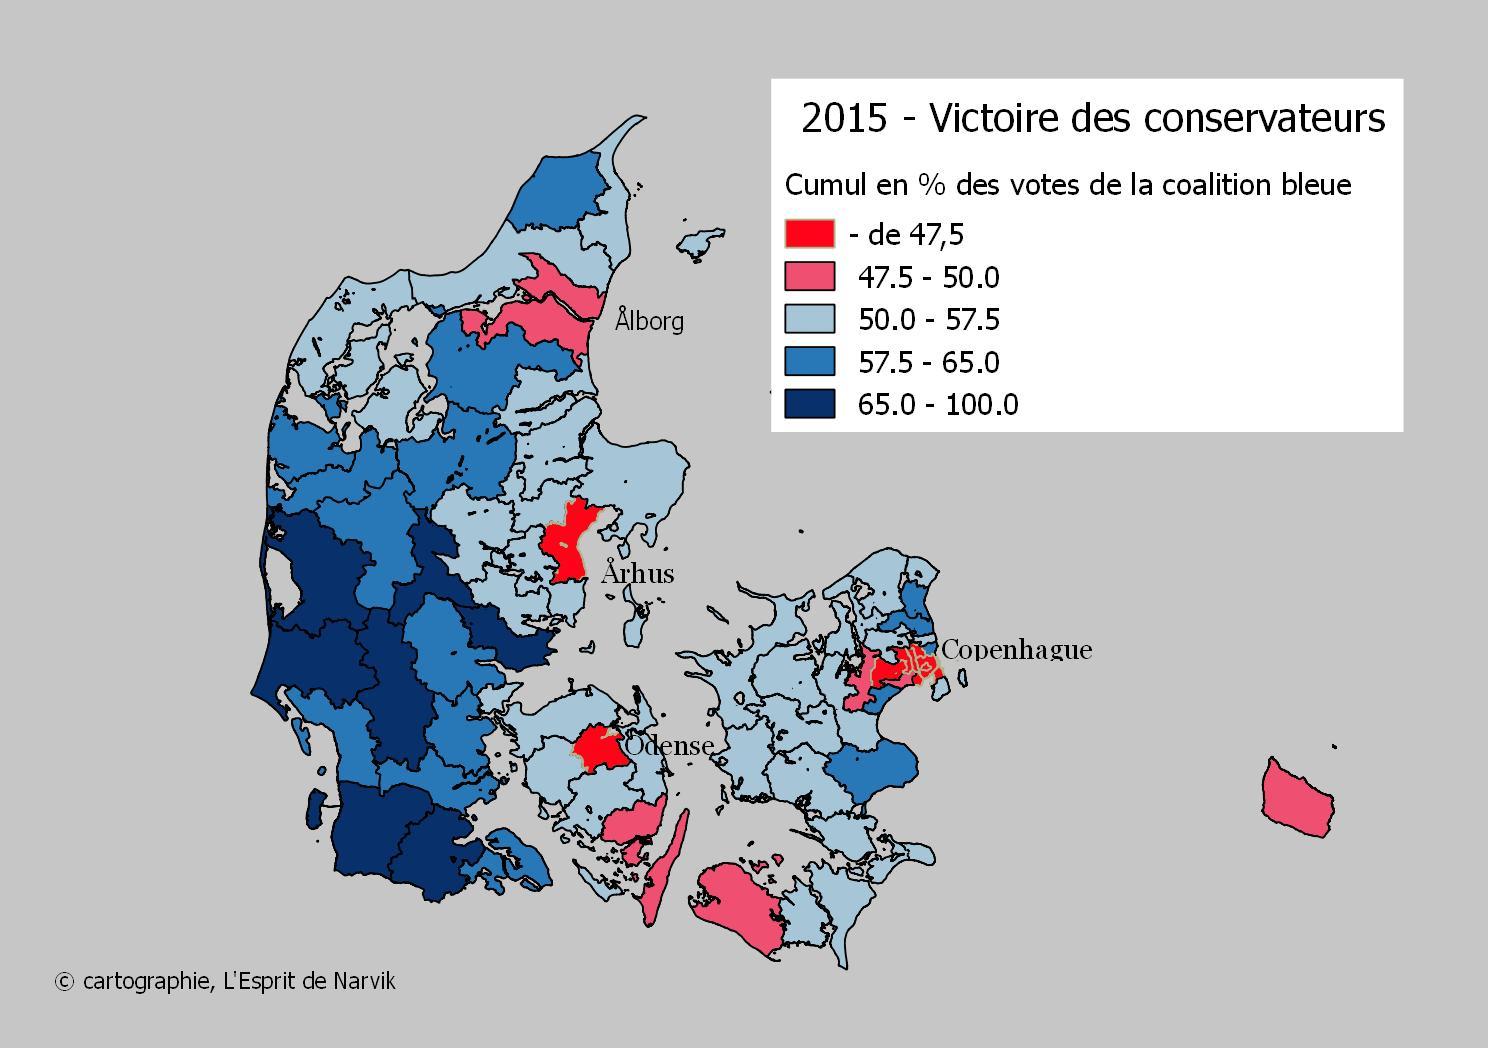 Elections législatives de 2015 au Danemark, la victoire de la coalition bleue